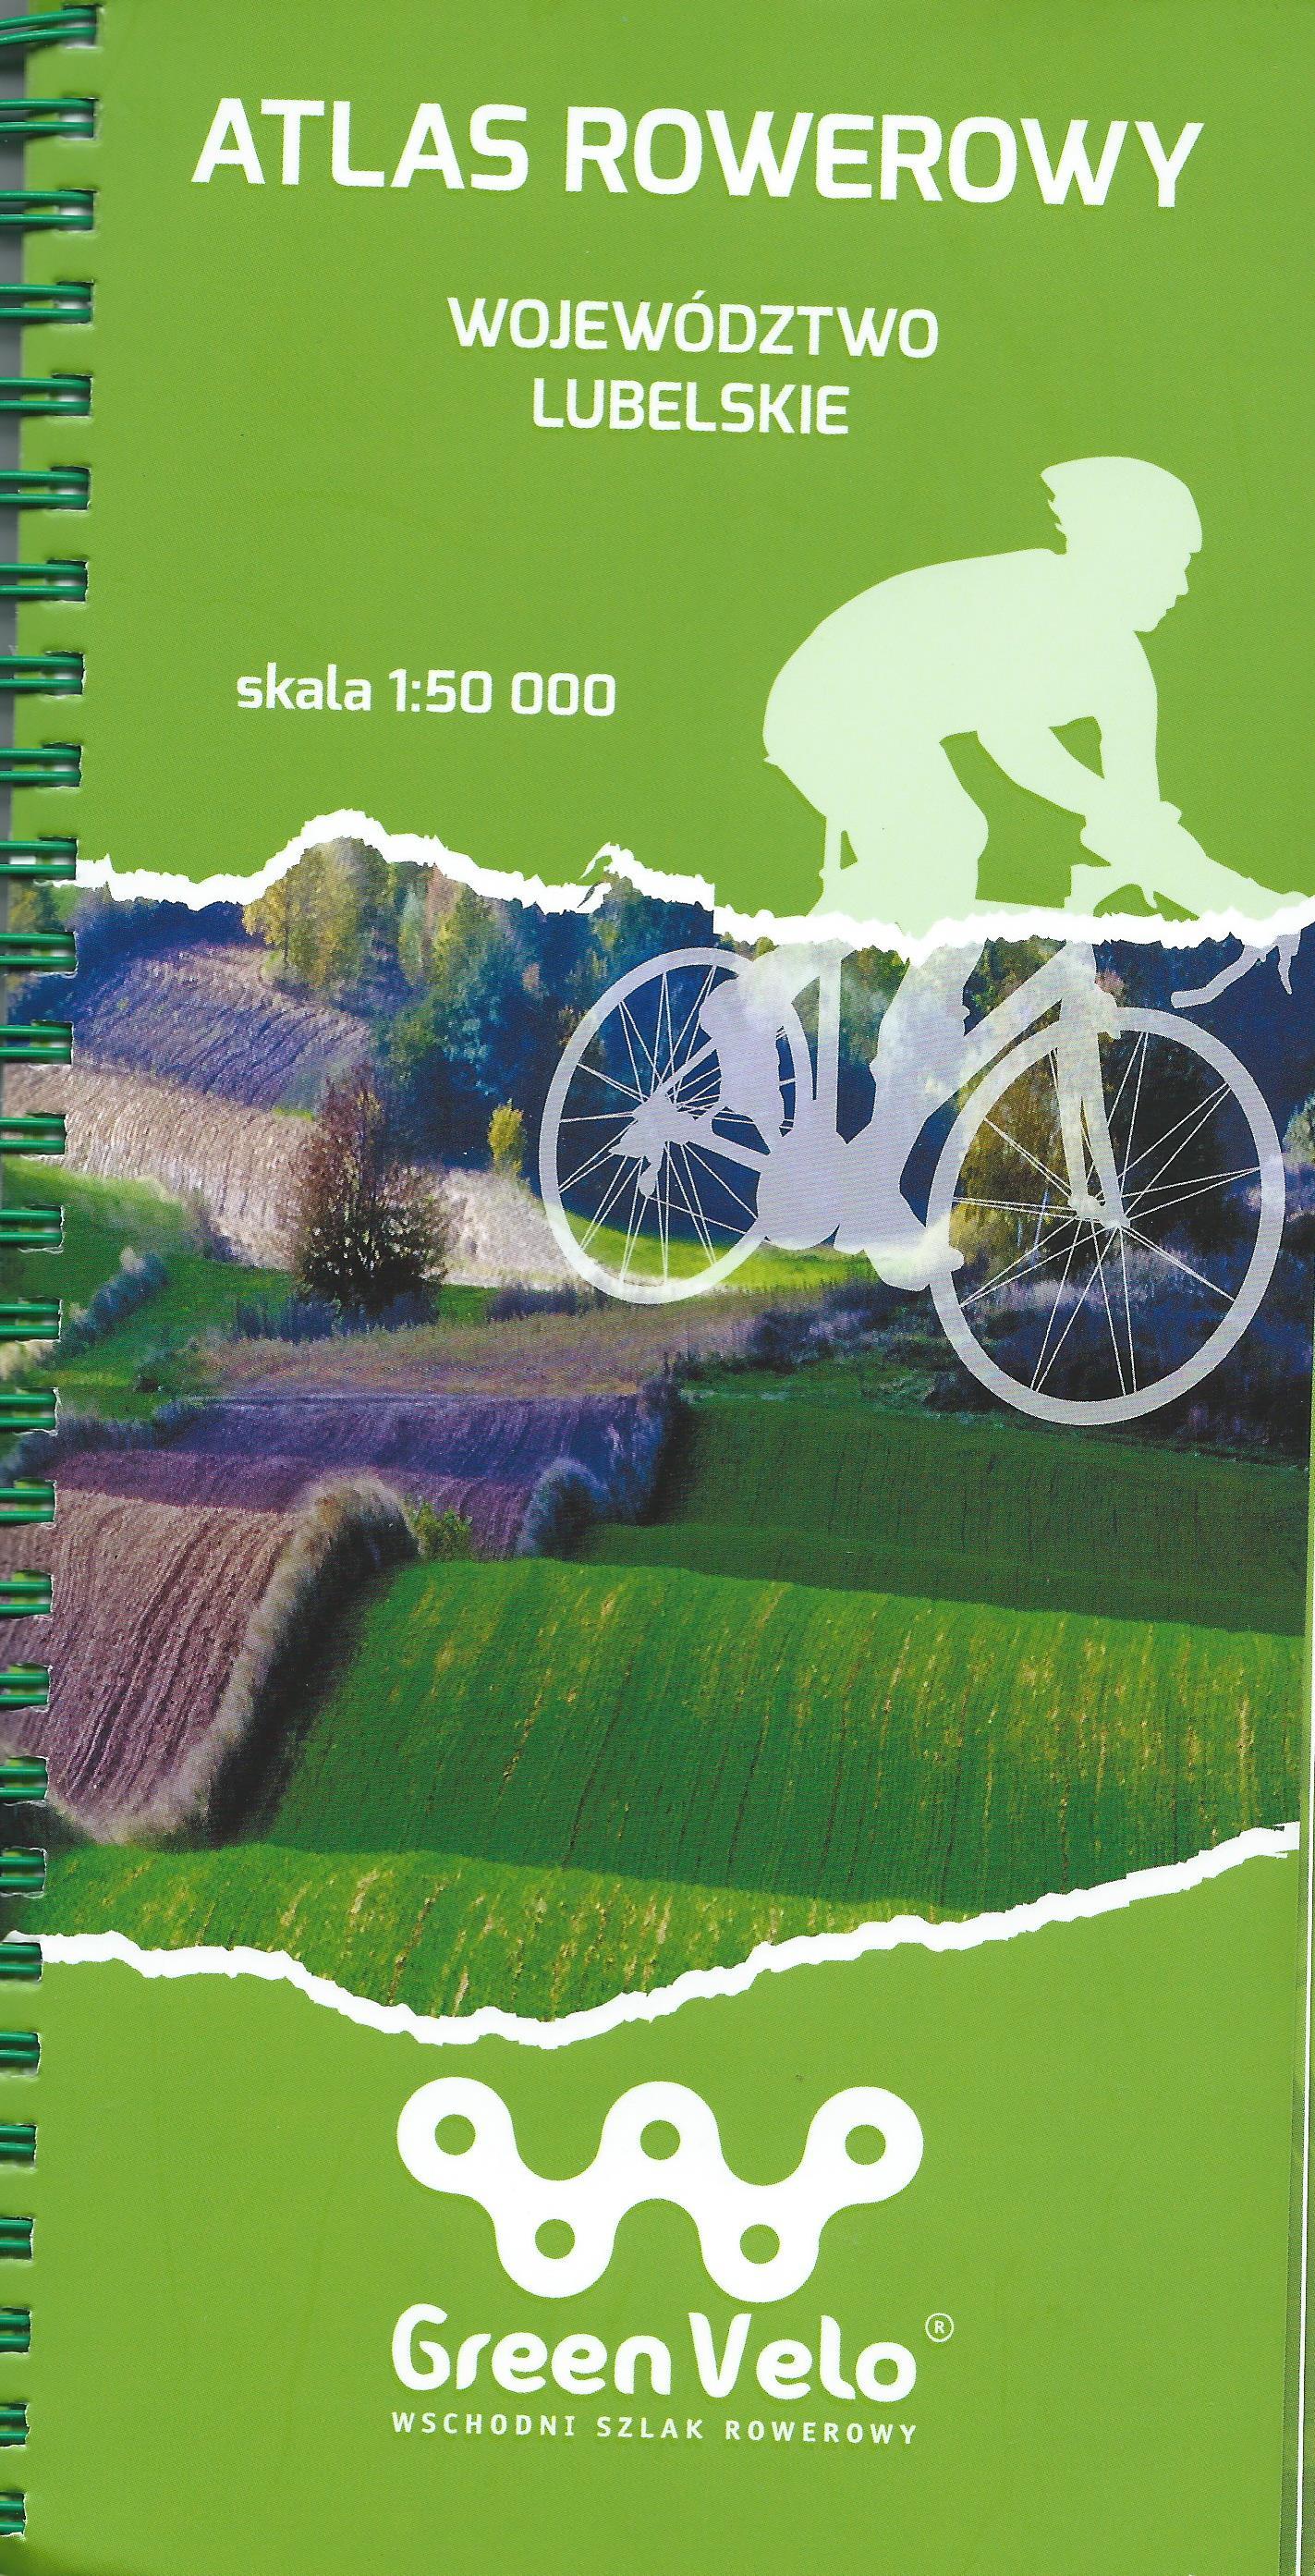 Atlas rowerowy  województwo lubelskie  GREEN VELO (wydanie książkowe)